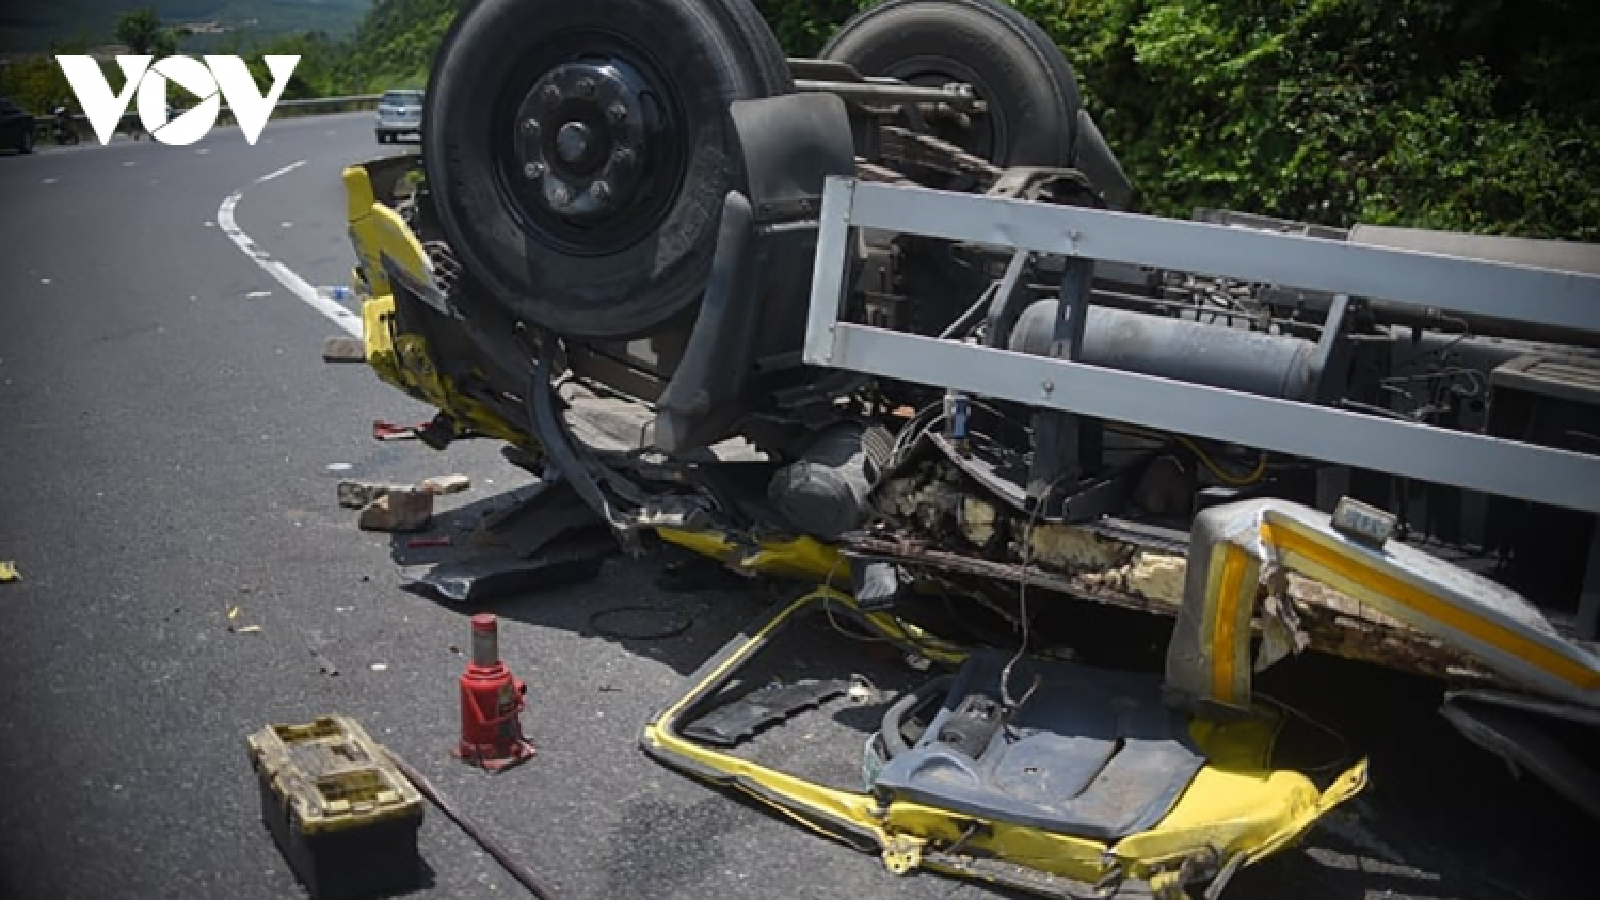 Tai nạn giao thông trên đèo Cù Mông làm 2 người tử vong